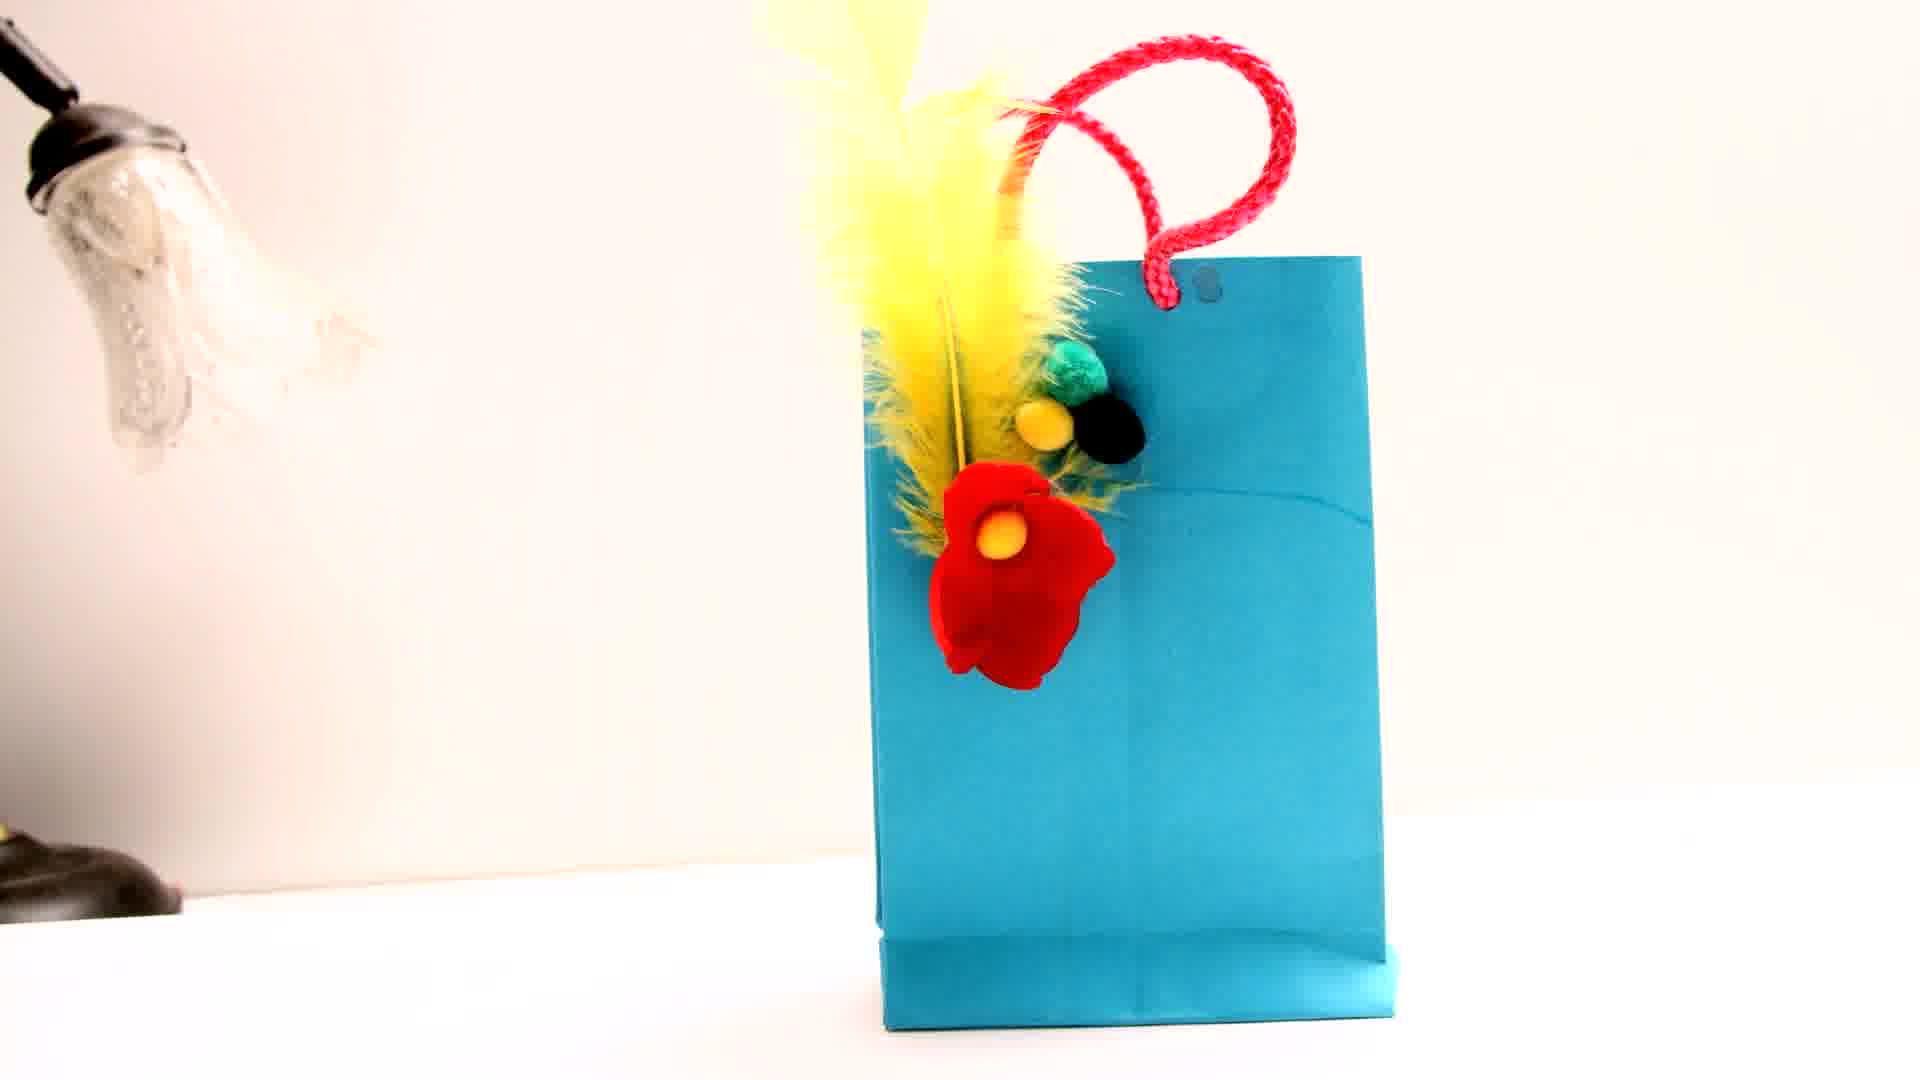 fabriquer un sac en papier pinterest sac en papier vieux magazines et sacs cadeaux. Black Bedroom Furniture Sets. Home Design Ideas